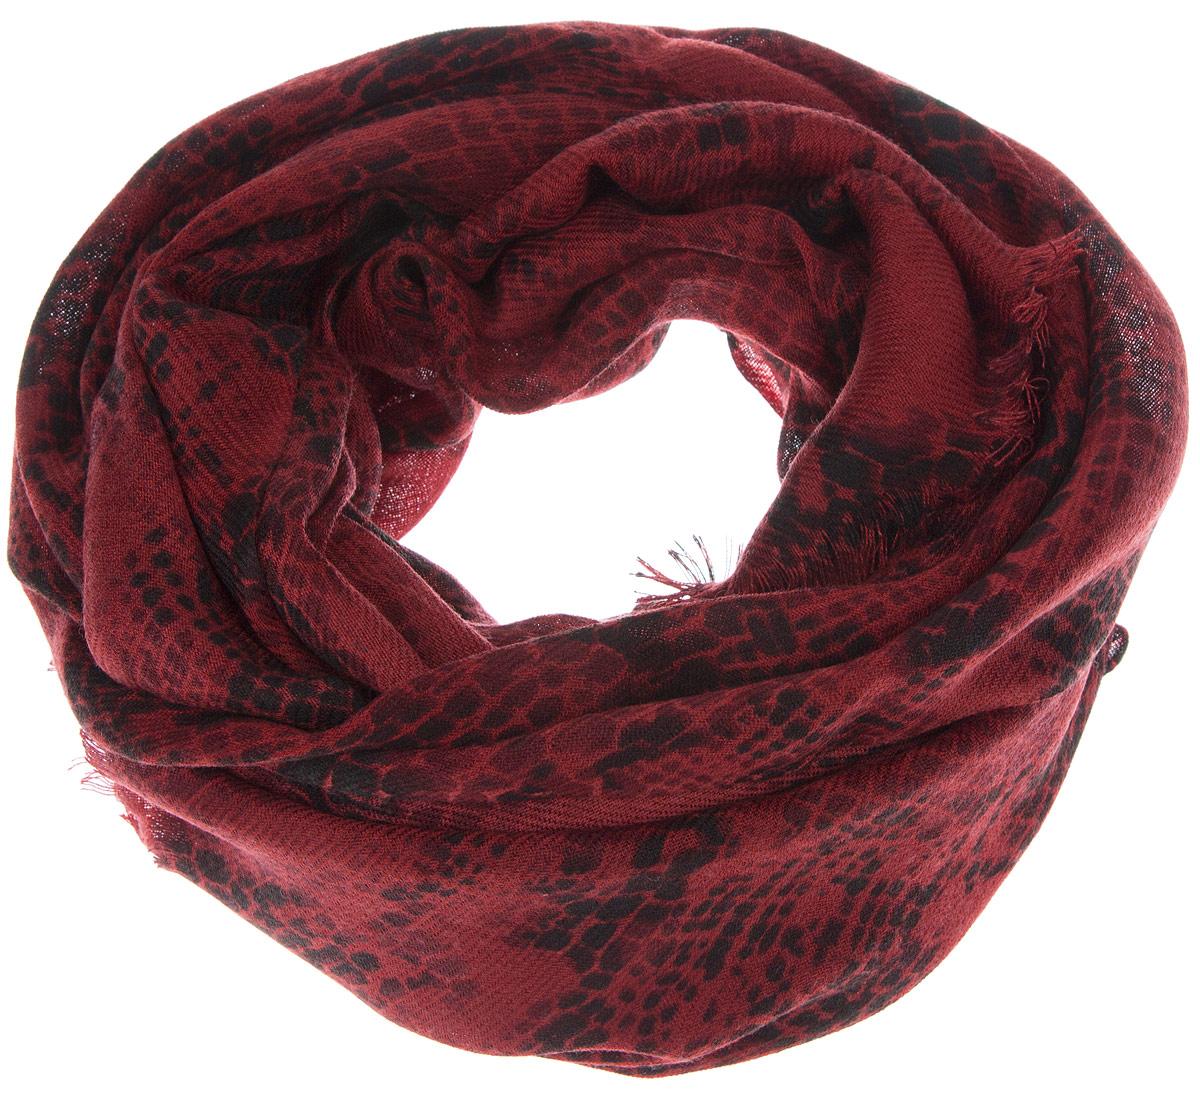 Палантин Mexx, цвет: темно-красный, черный. MX3024820_WM_SHL_010. Размер 75 см х 100 смMX3024820_WM_SHL_010Элегантный палантин Mexx изготовлен из высококачественного полиакрила. Он оформлен оригинальным принтом и по дополнен небольшой бахромой. Такой палантин превосходно дополнит любой наряд и подчеркнет ваш изысканный вкус.